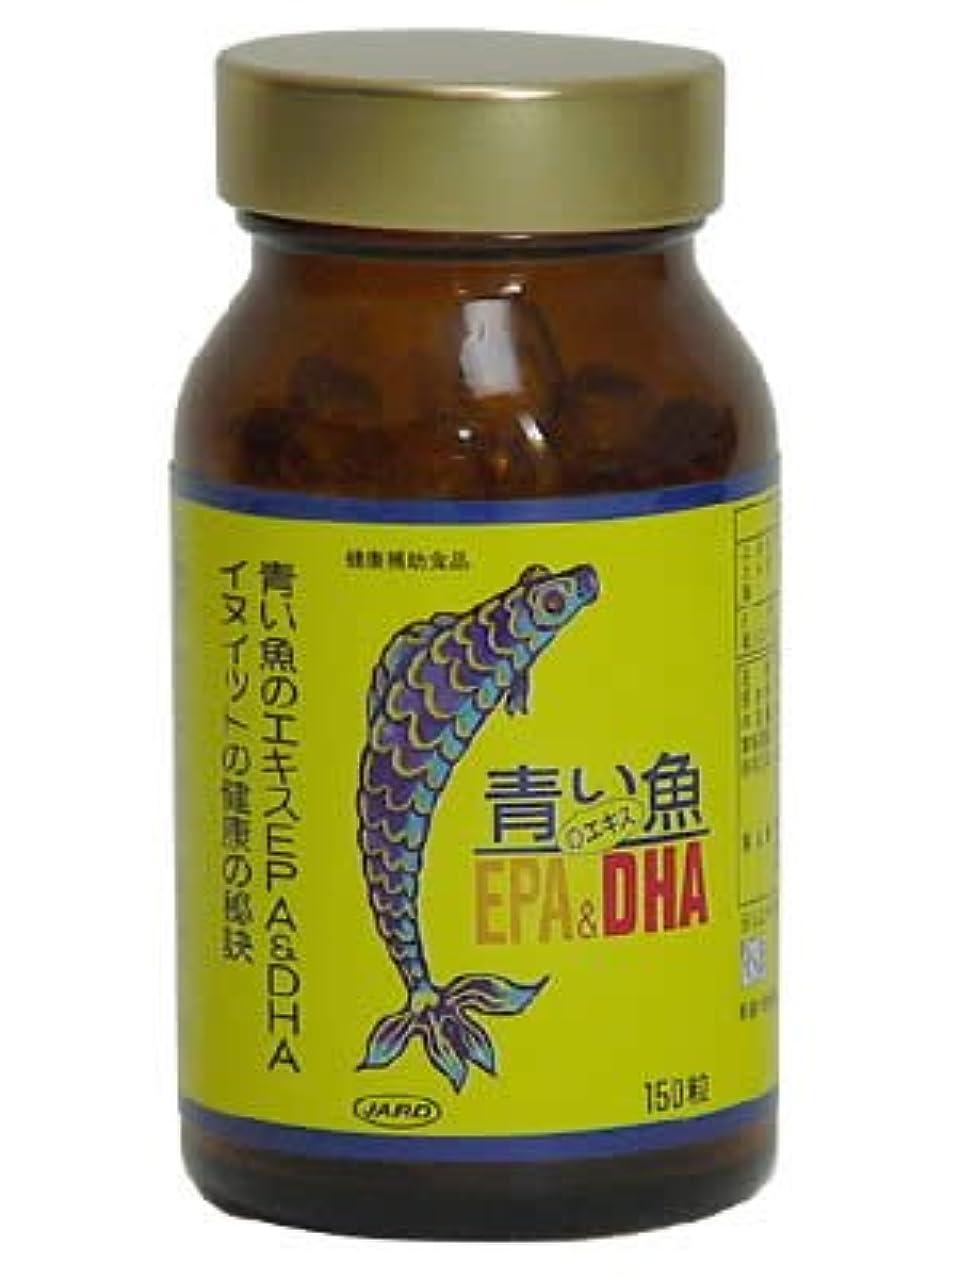 マングル債務統計青い魚のエキス EPA&DHA 150粒 (#666500) ×10個セット